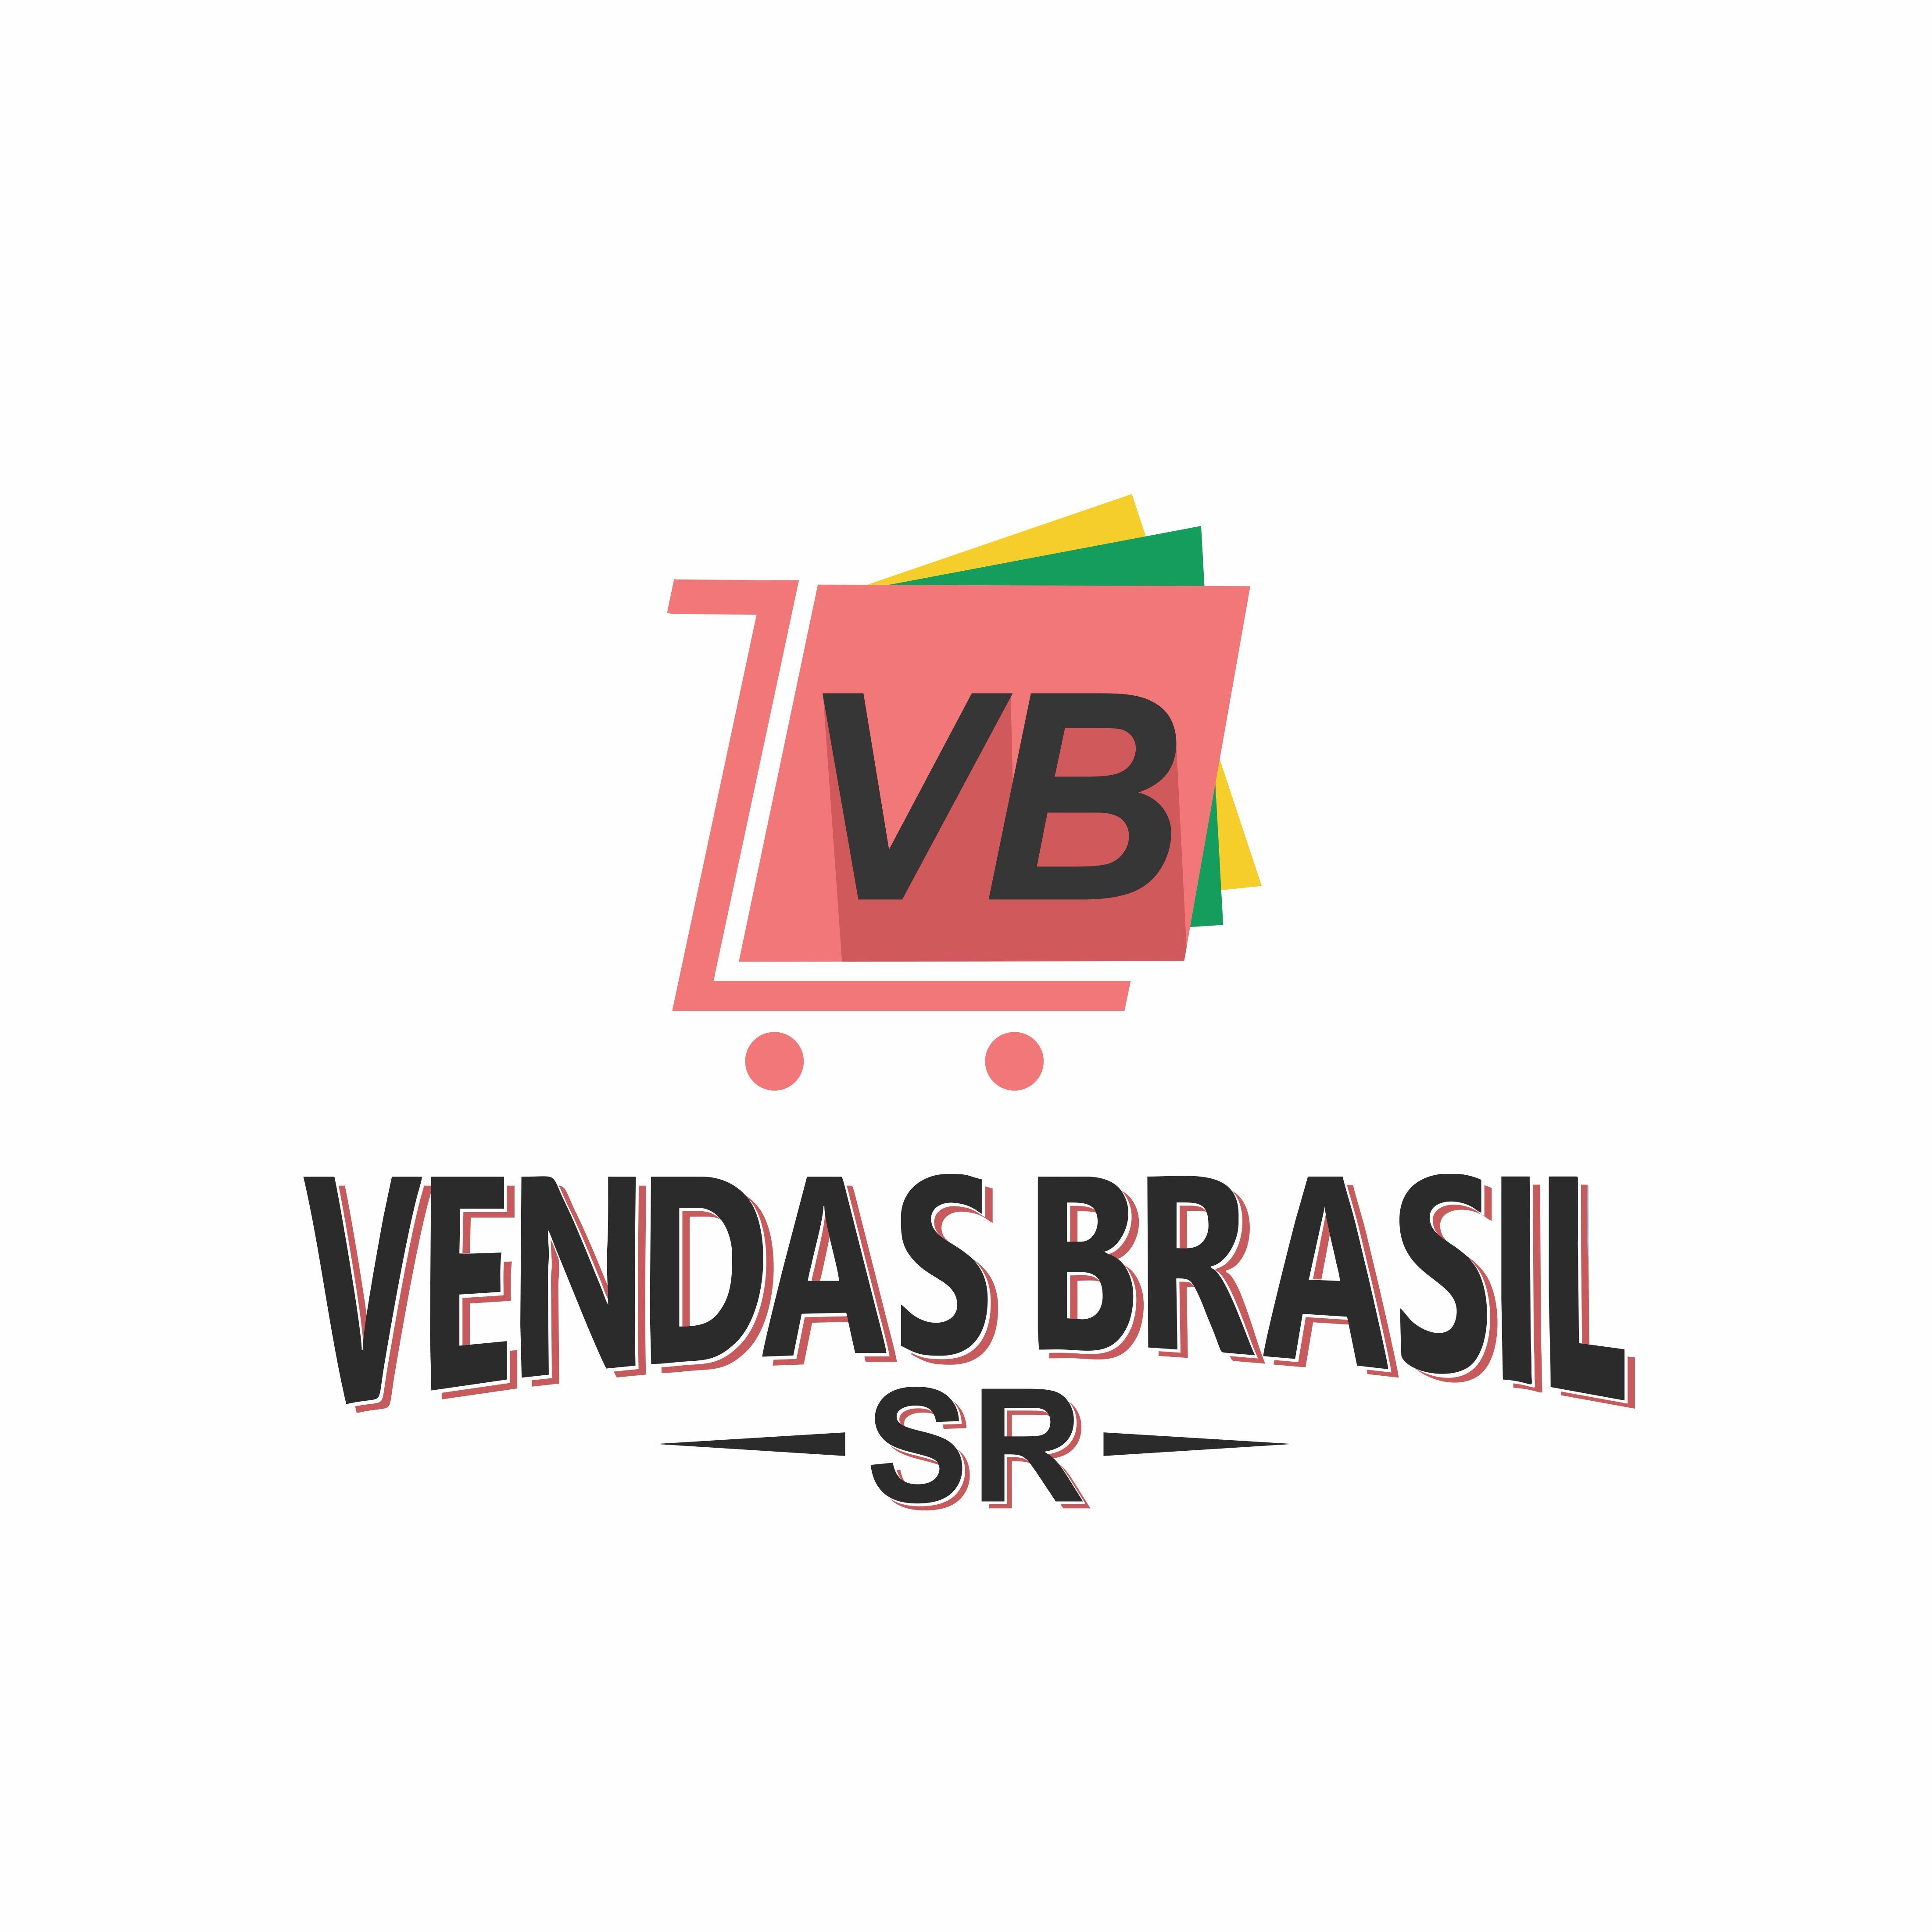 Vendas Brasil SR